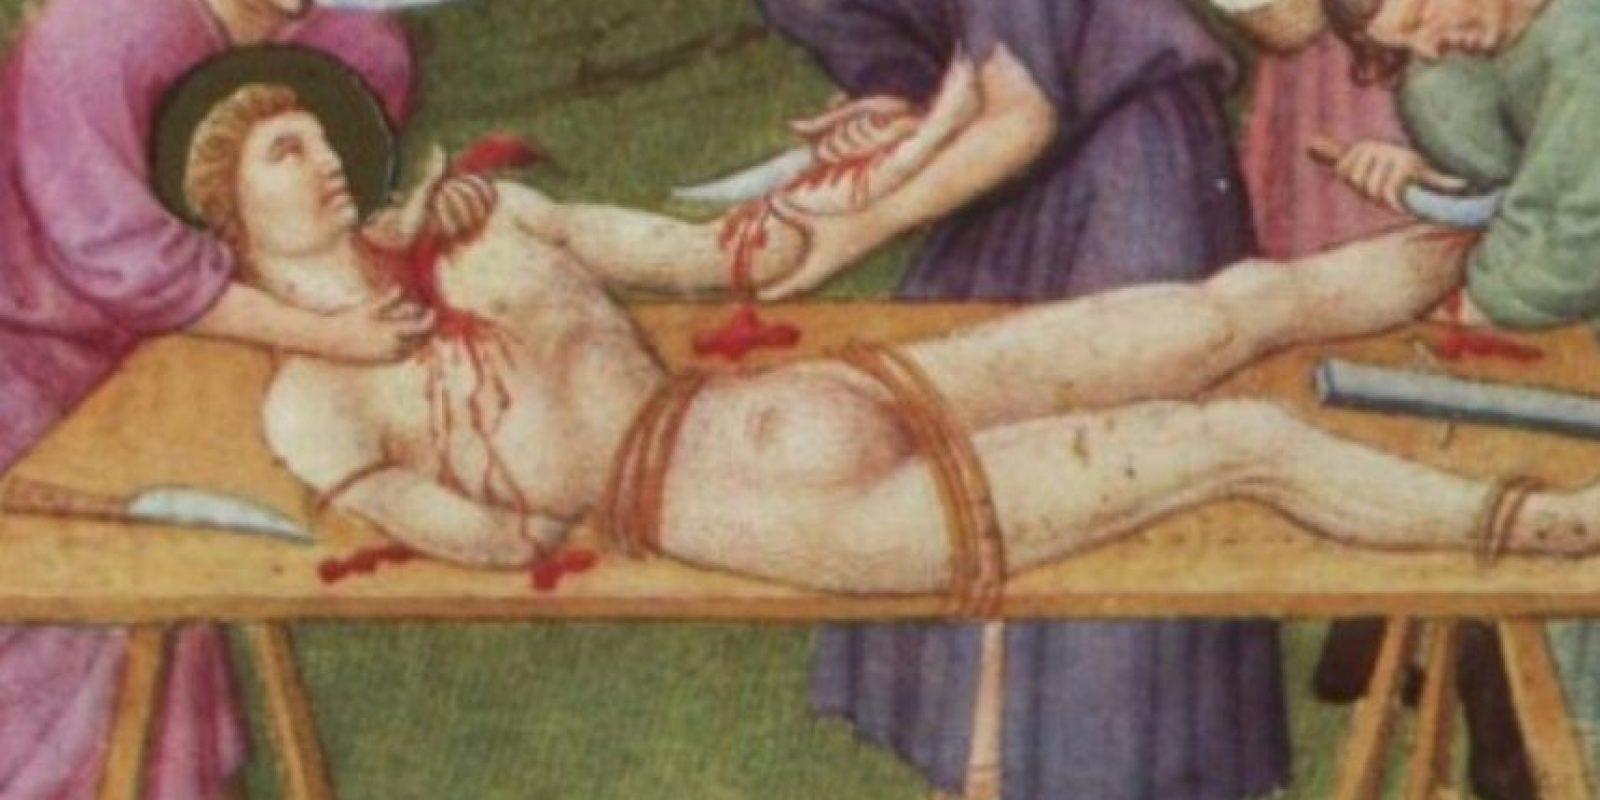 Generalmente, la víctima no llegaba a vivir luego del shock que le producían las heridas. Foto:vía Wikipedia